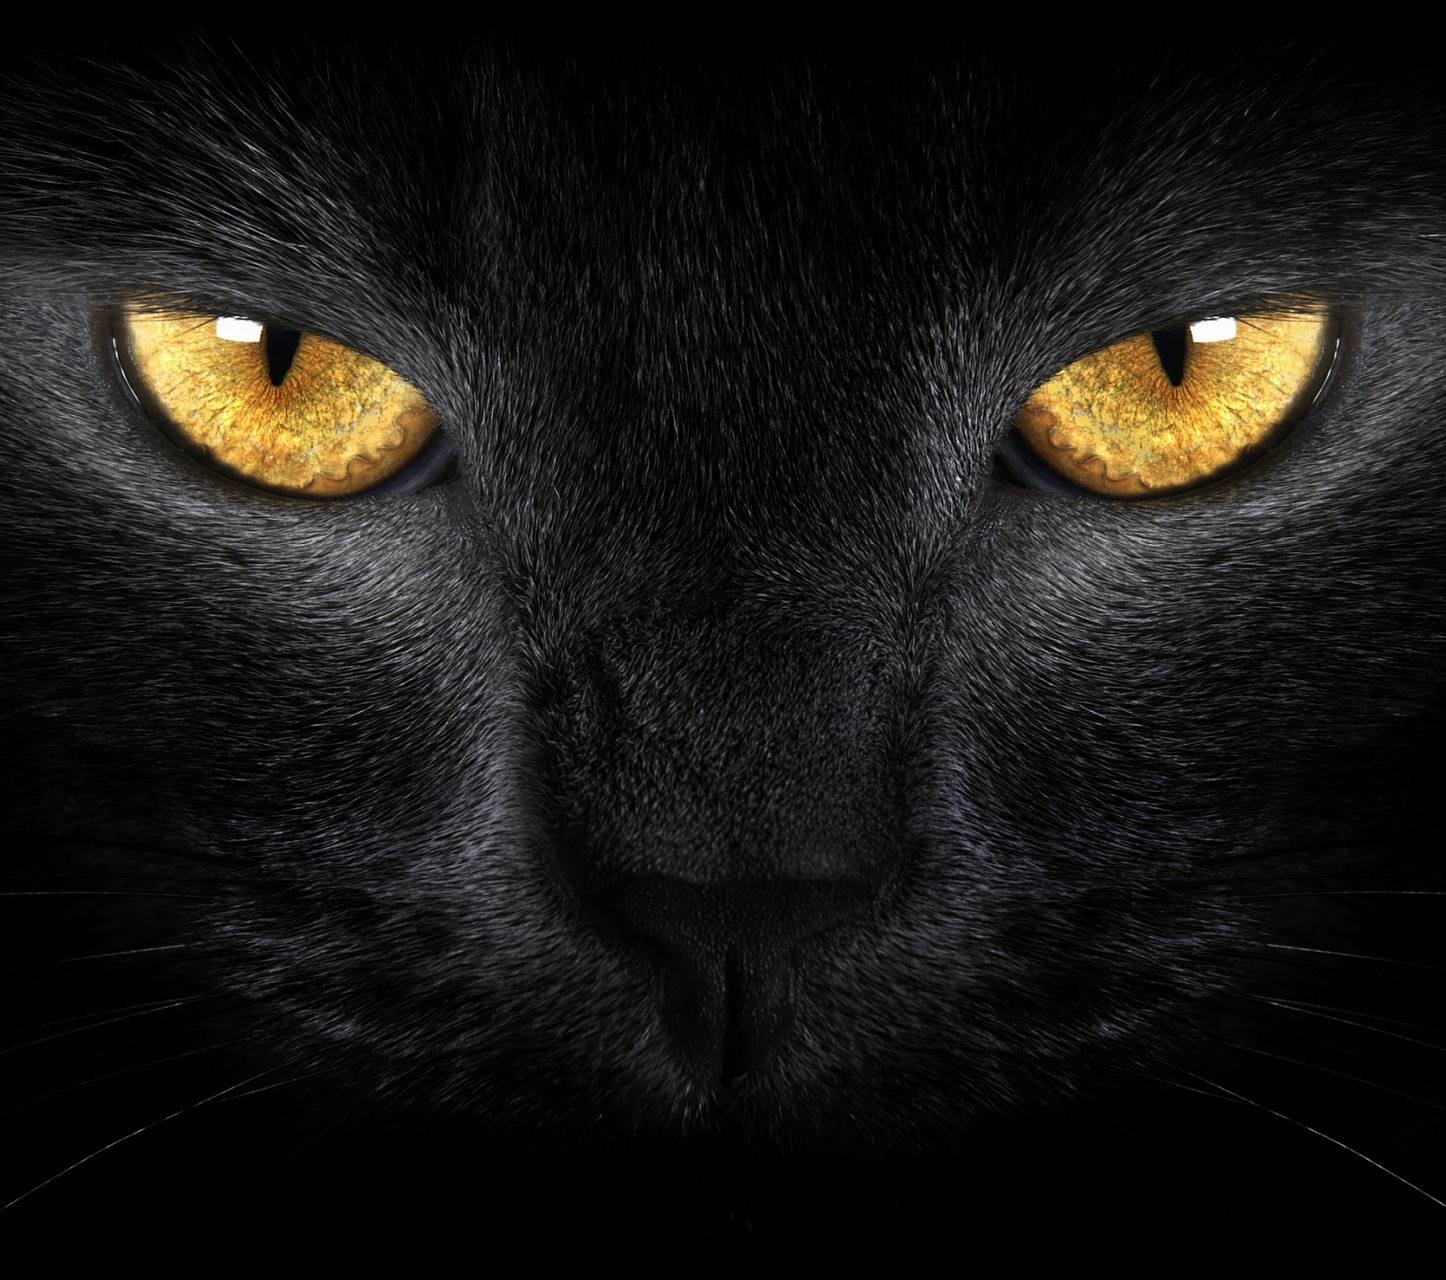 Black Cat Golden Eye